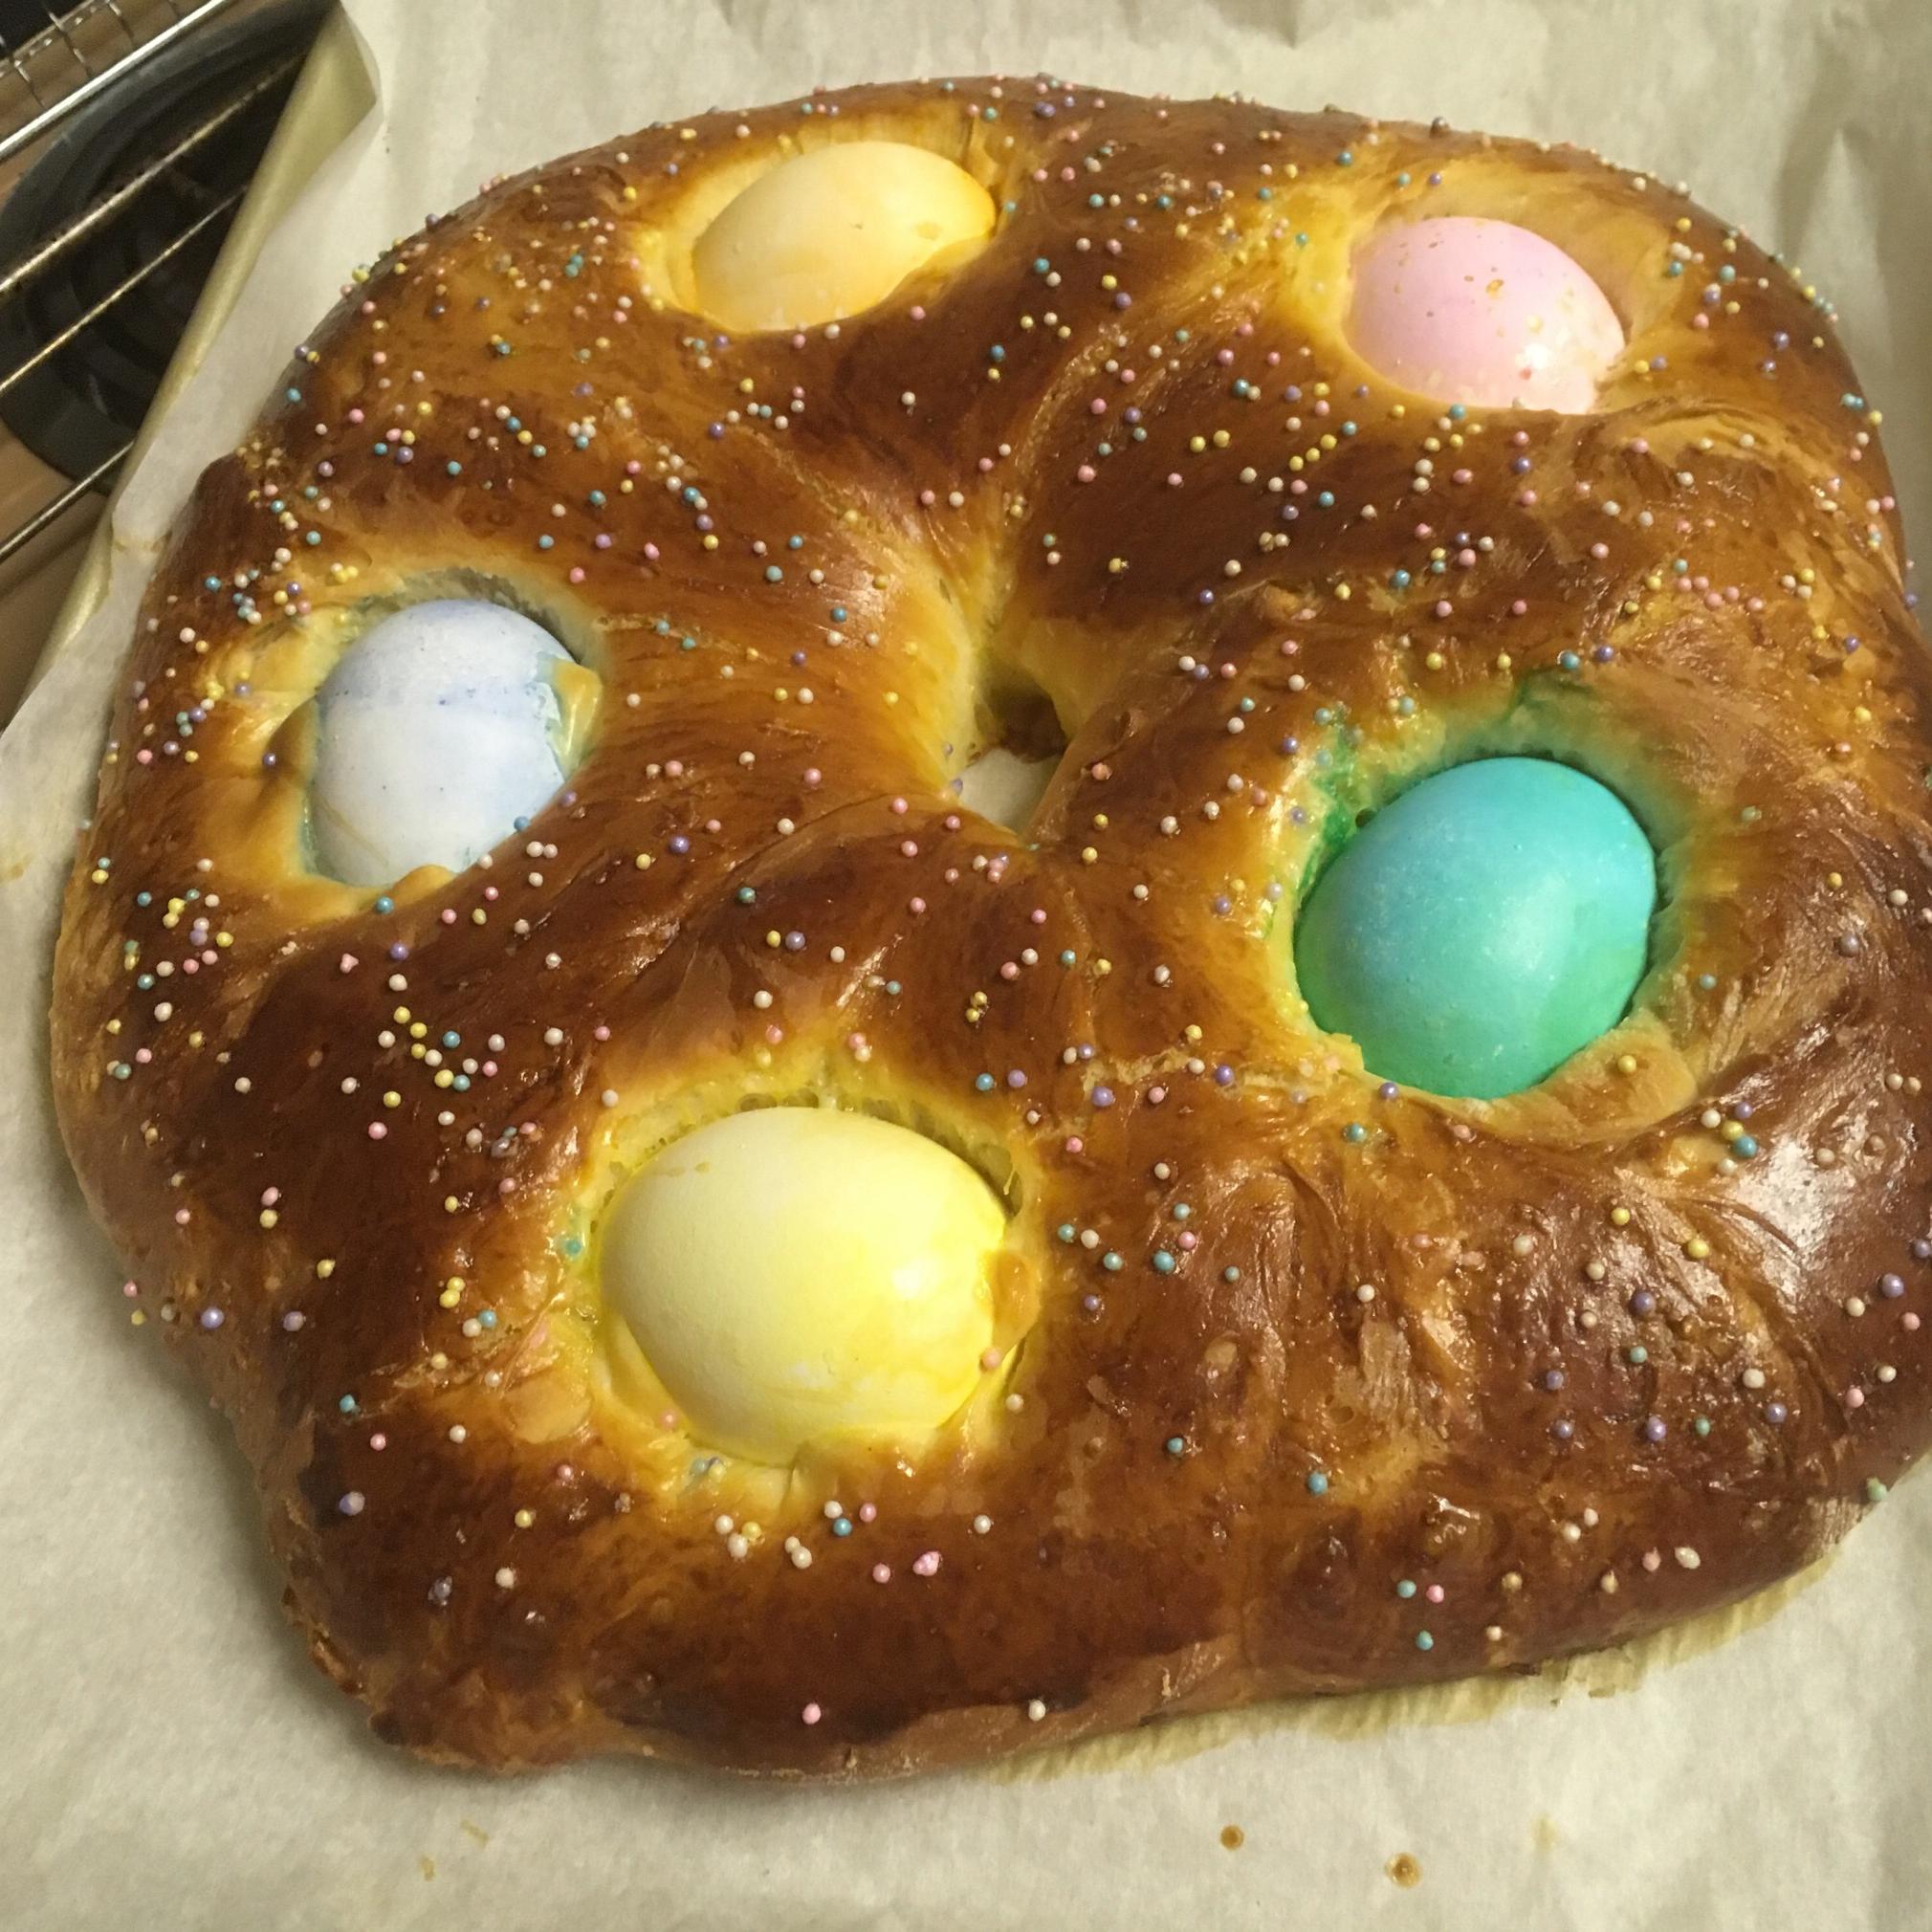 Braided Easter Egg Bread opihi